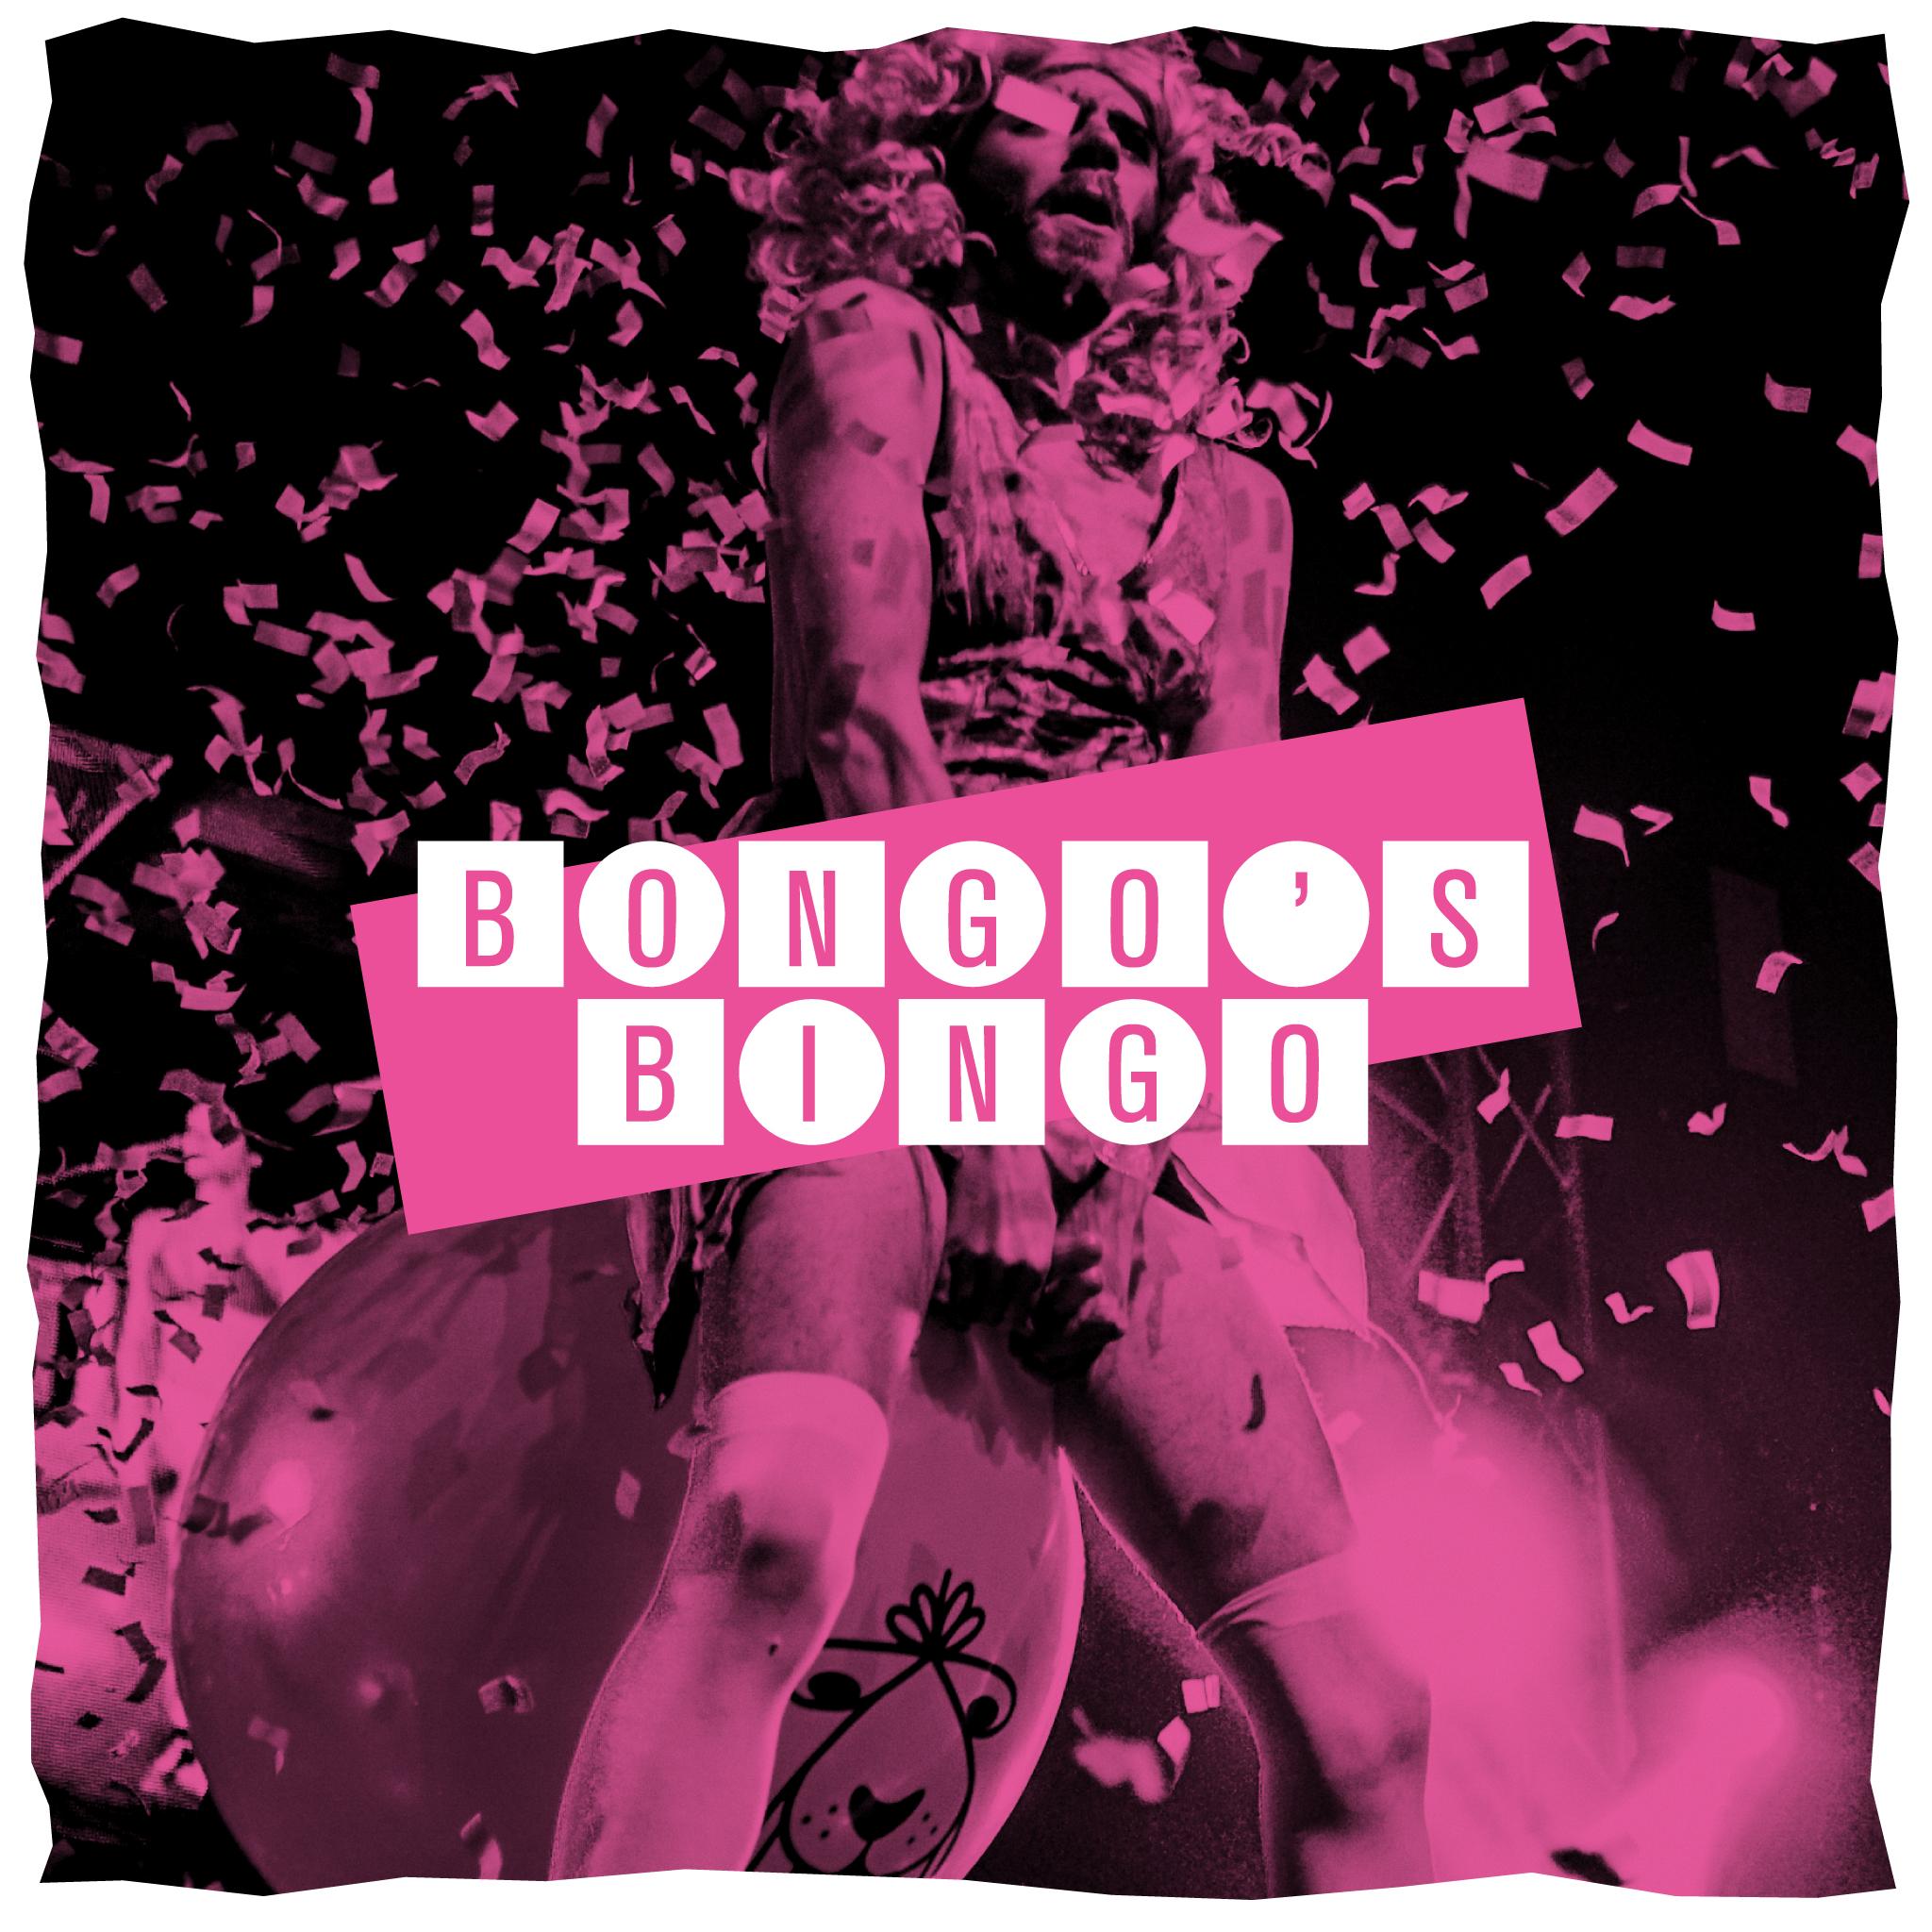 02 >> Bongo S Bingo Bongo S Bingo Leeds 02 08 19